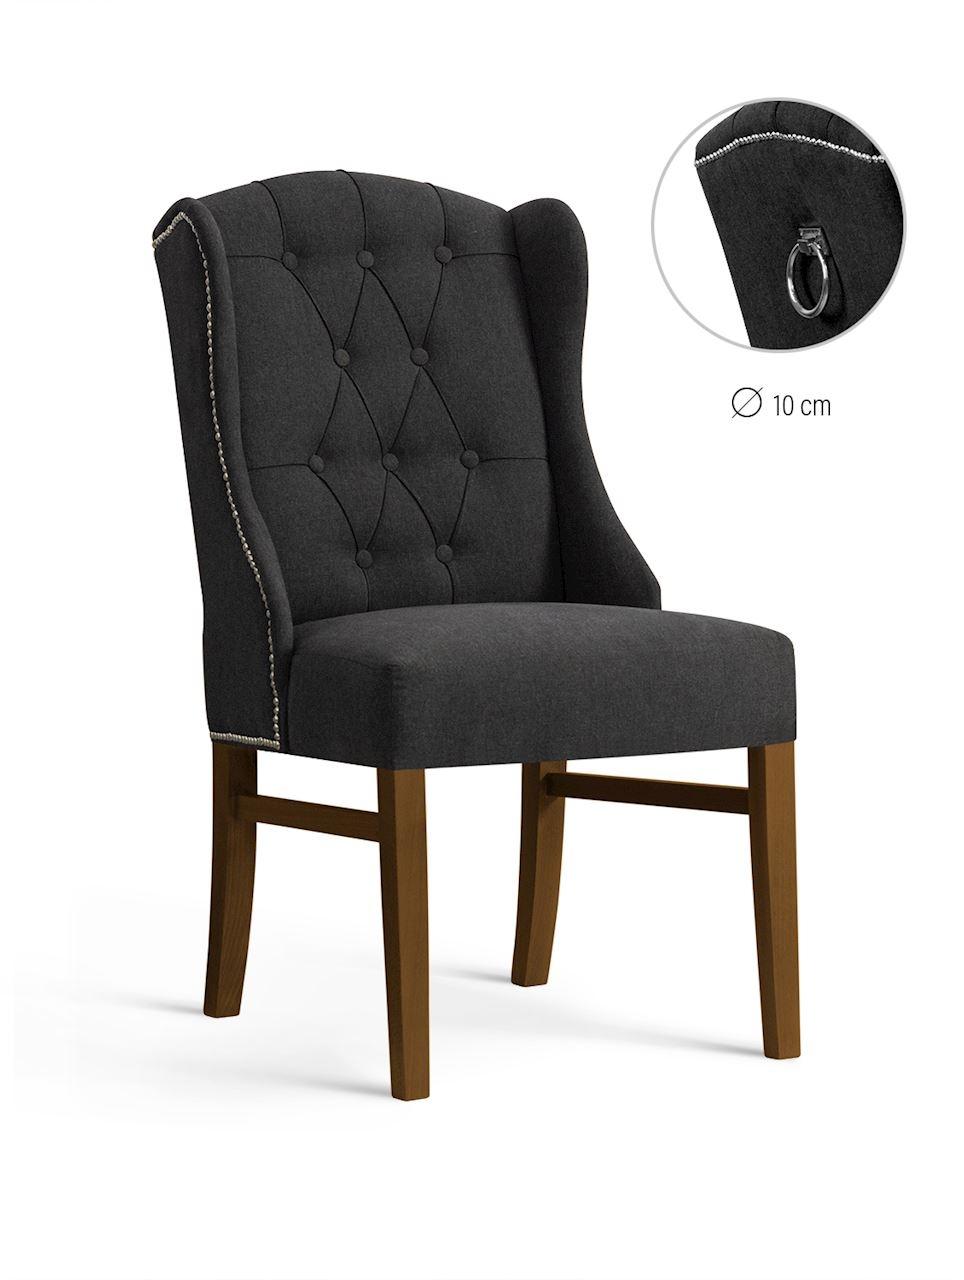 Scaun tapitat cu stofa, cu picioare din lemn Royal Graphite / Walnut, l55xA74xH105 cm